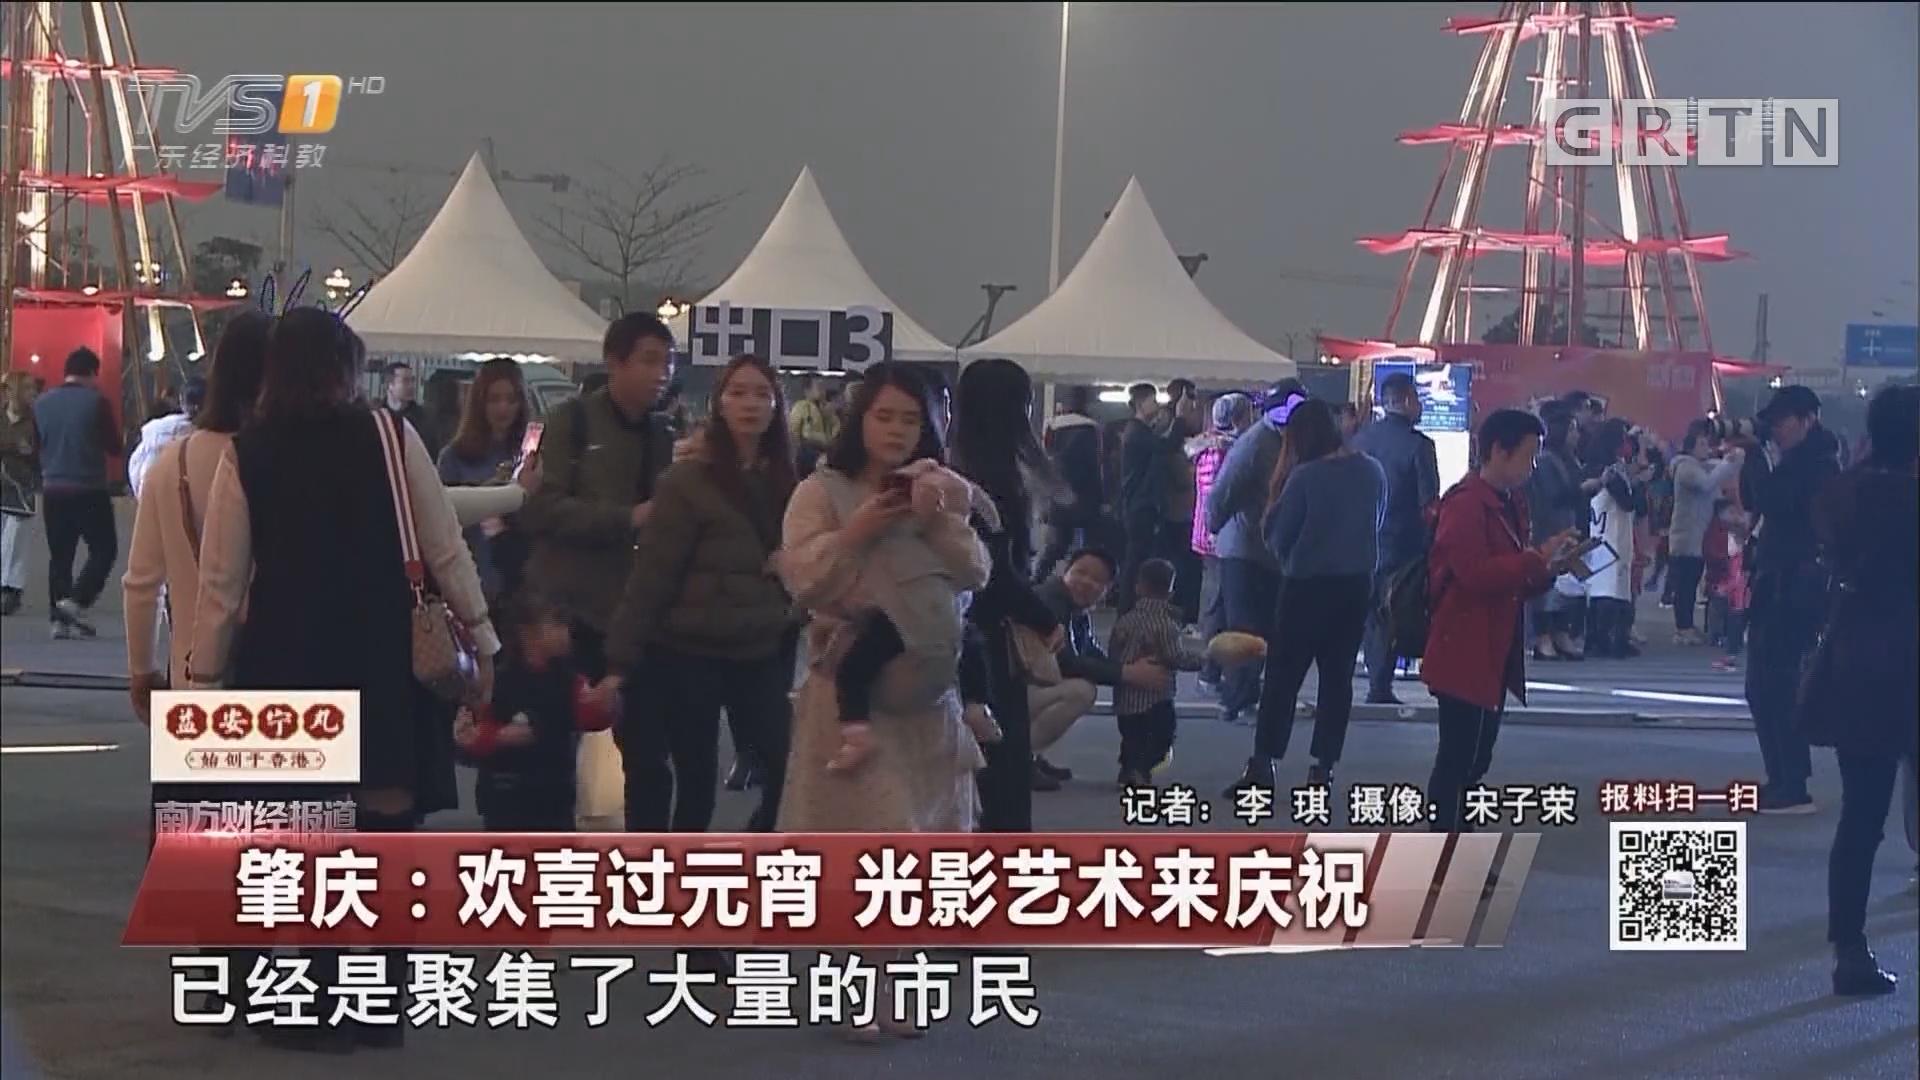 肇庆:欢喜过元宵 光影艺术来庆祝